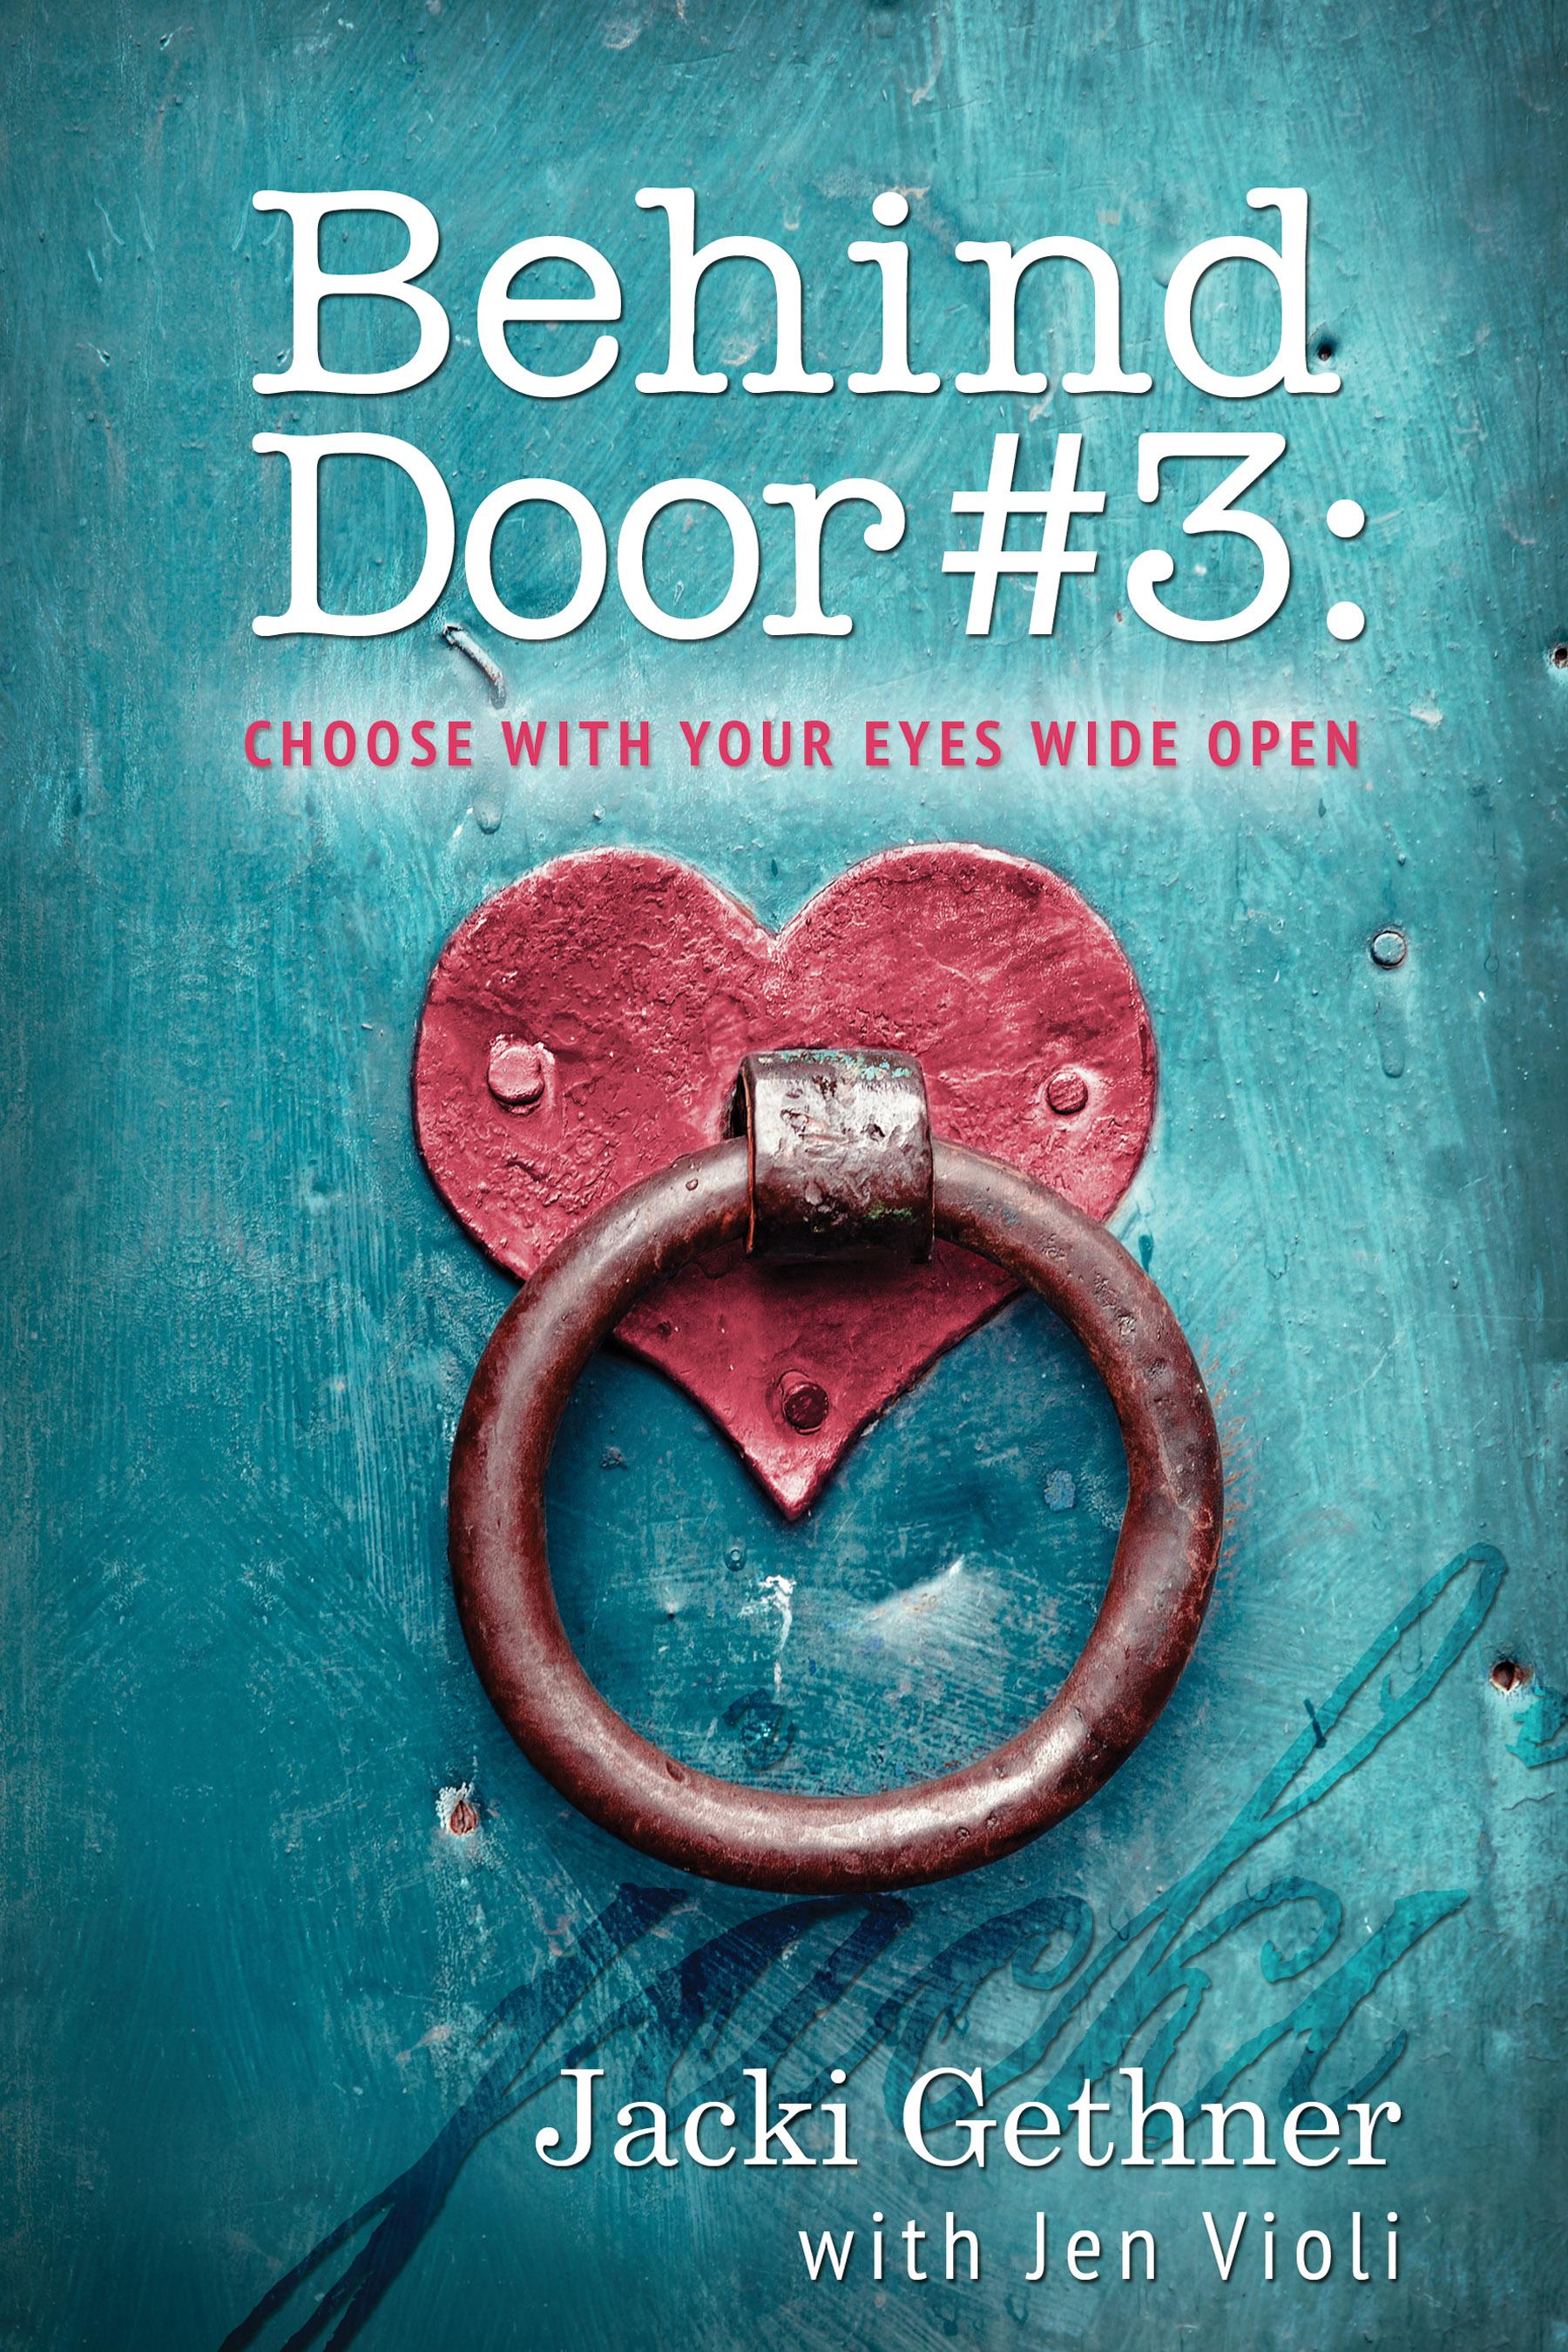 behind-door-3-choose-with-eyes-wide-open-book-jacki-gethner.jpg